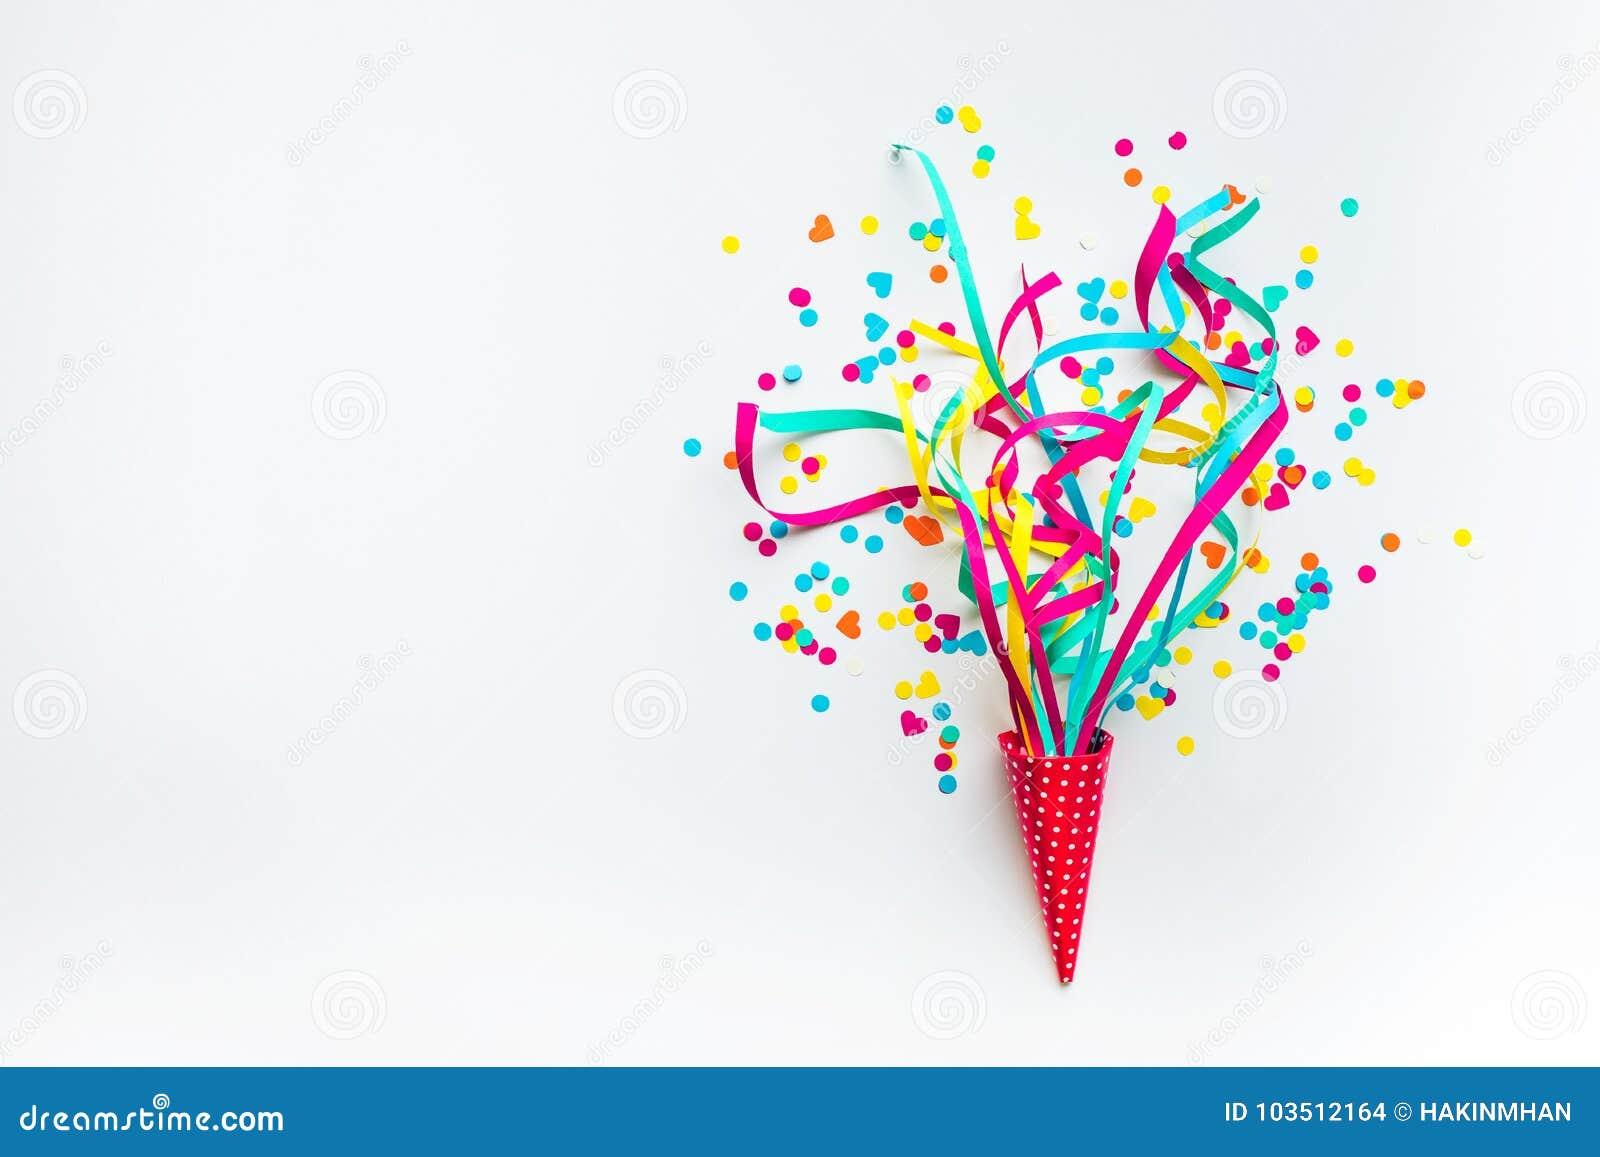 Celebração, ideias dos conceitos dos fundos do partido com confetes coloridos, flâmulas